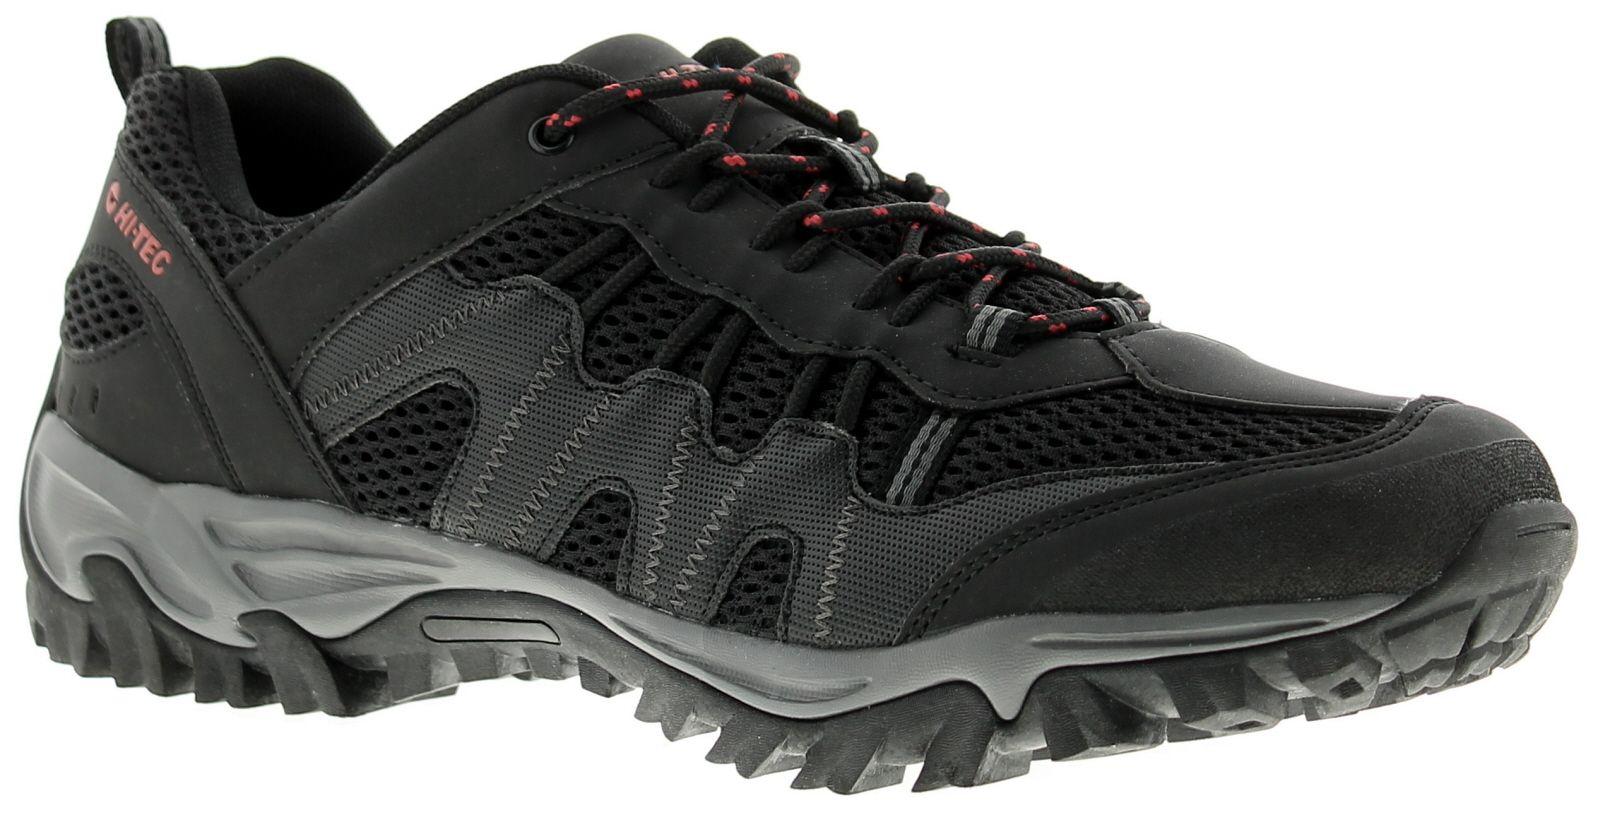 Mens Hi-Tec Jaguar Walking Shoes Synthetic And Mesh Upper Compression Moulded Eva Midsole Carbon Rub